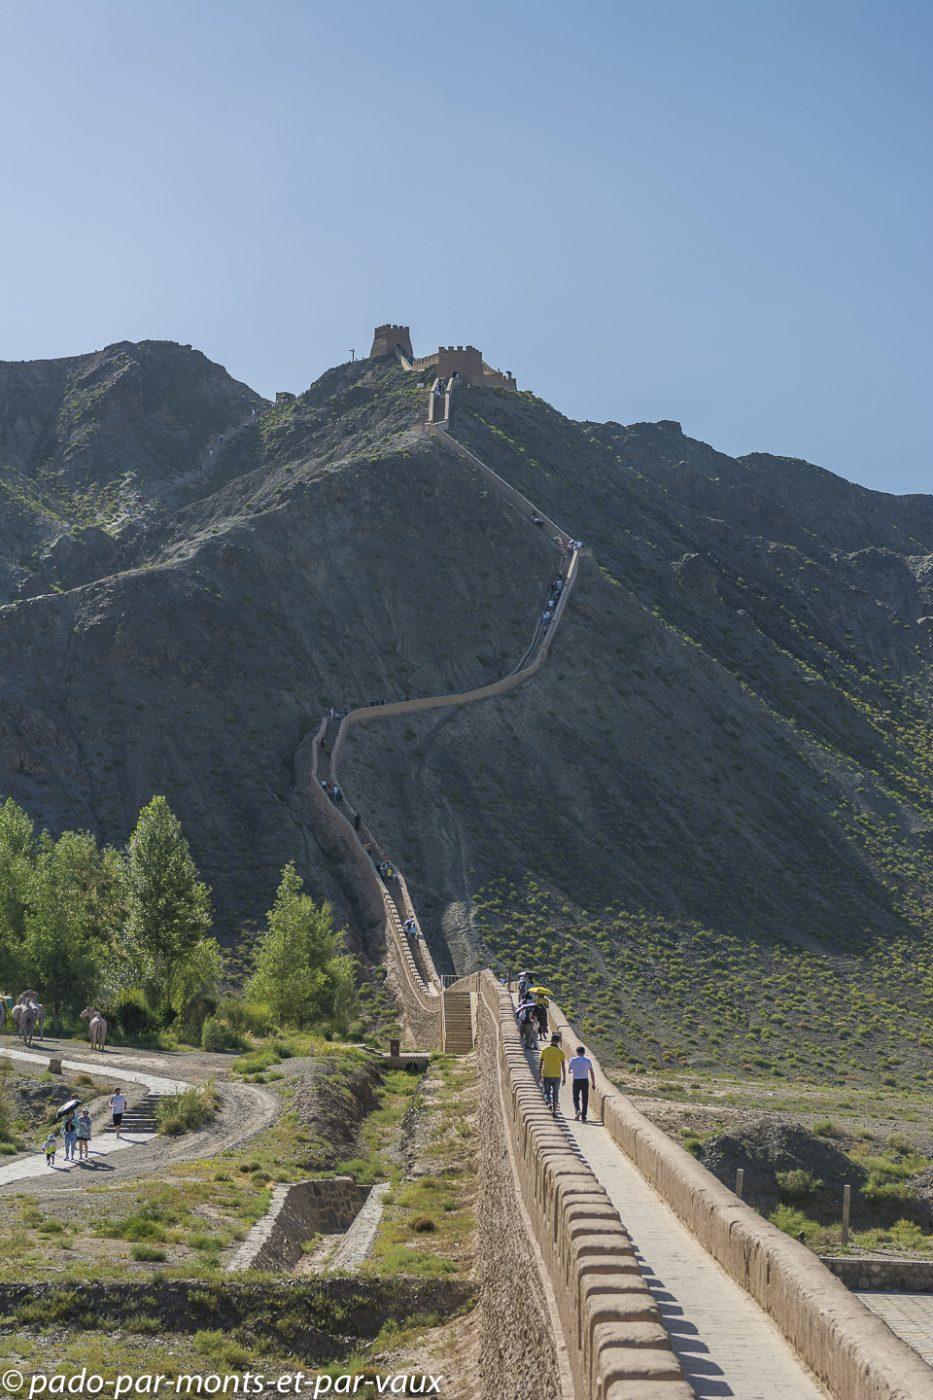 Jiayuguan - muraille de Chine